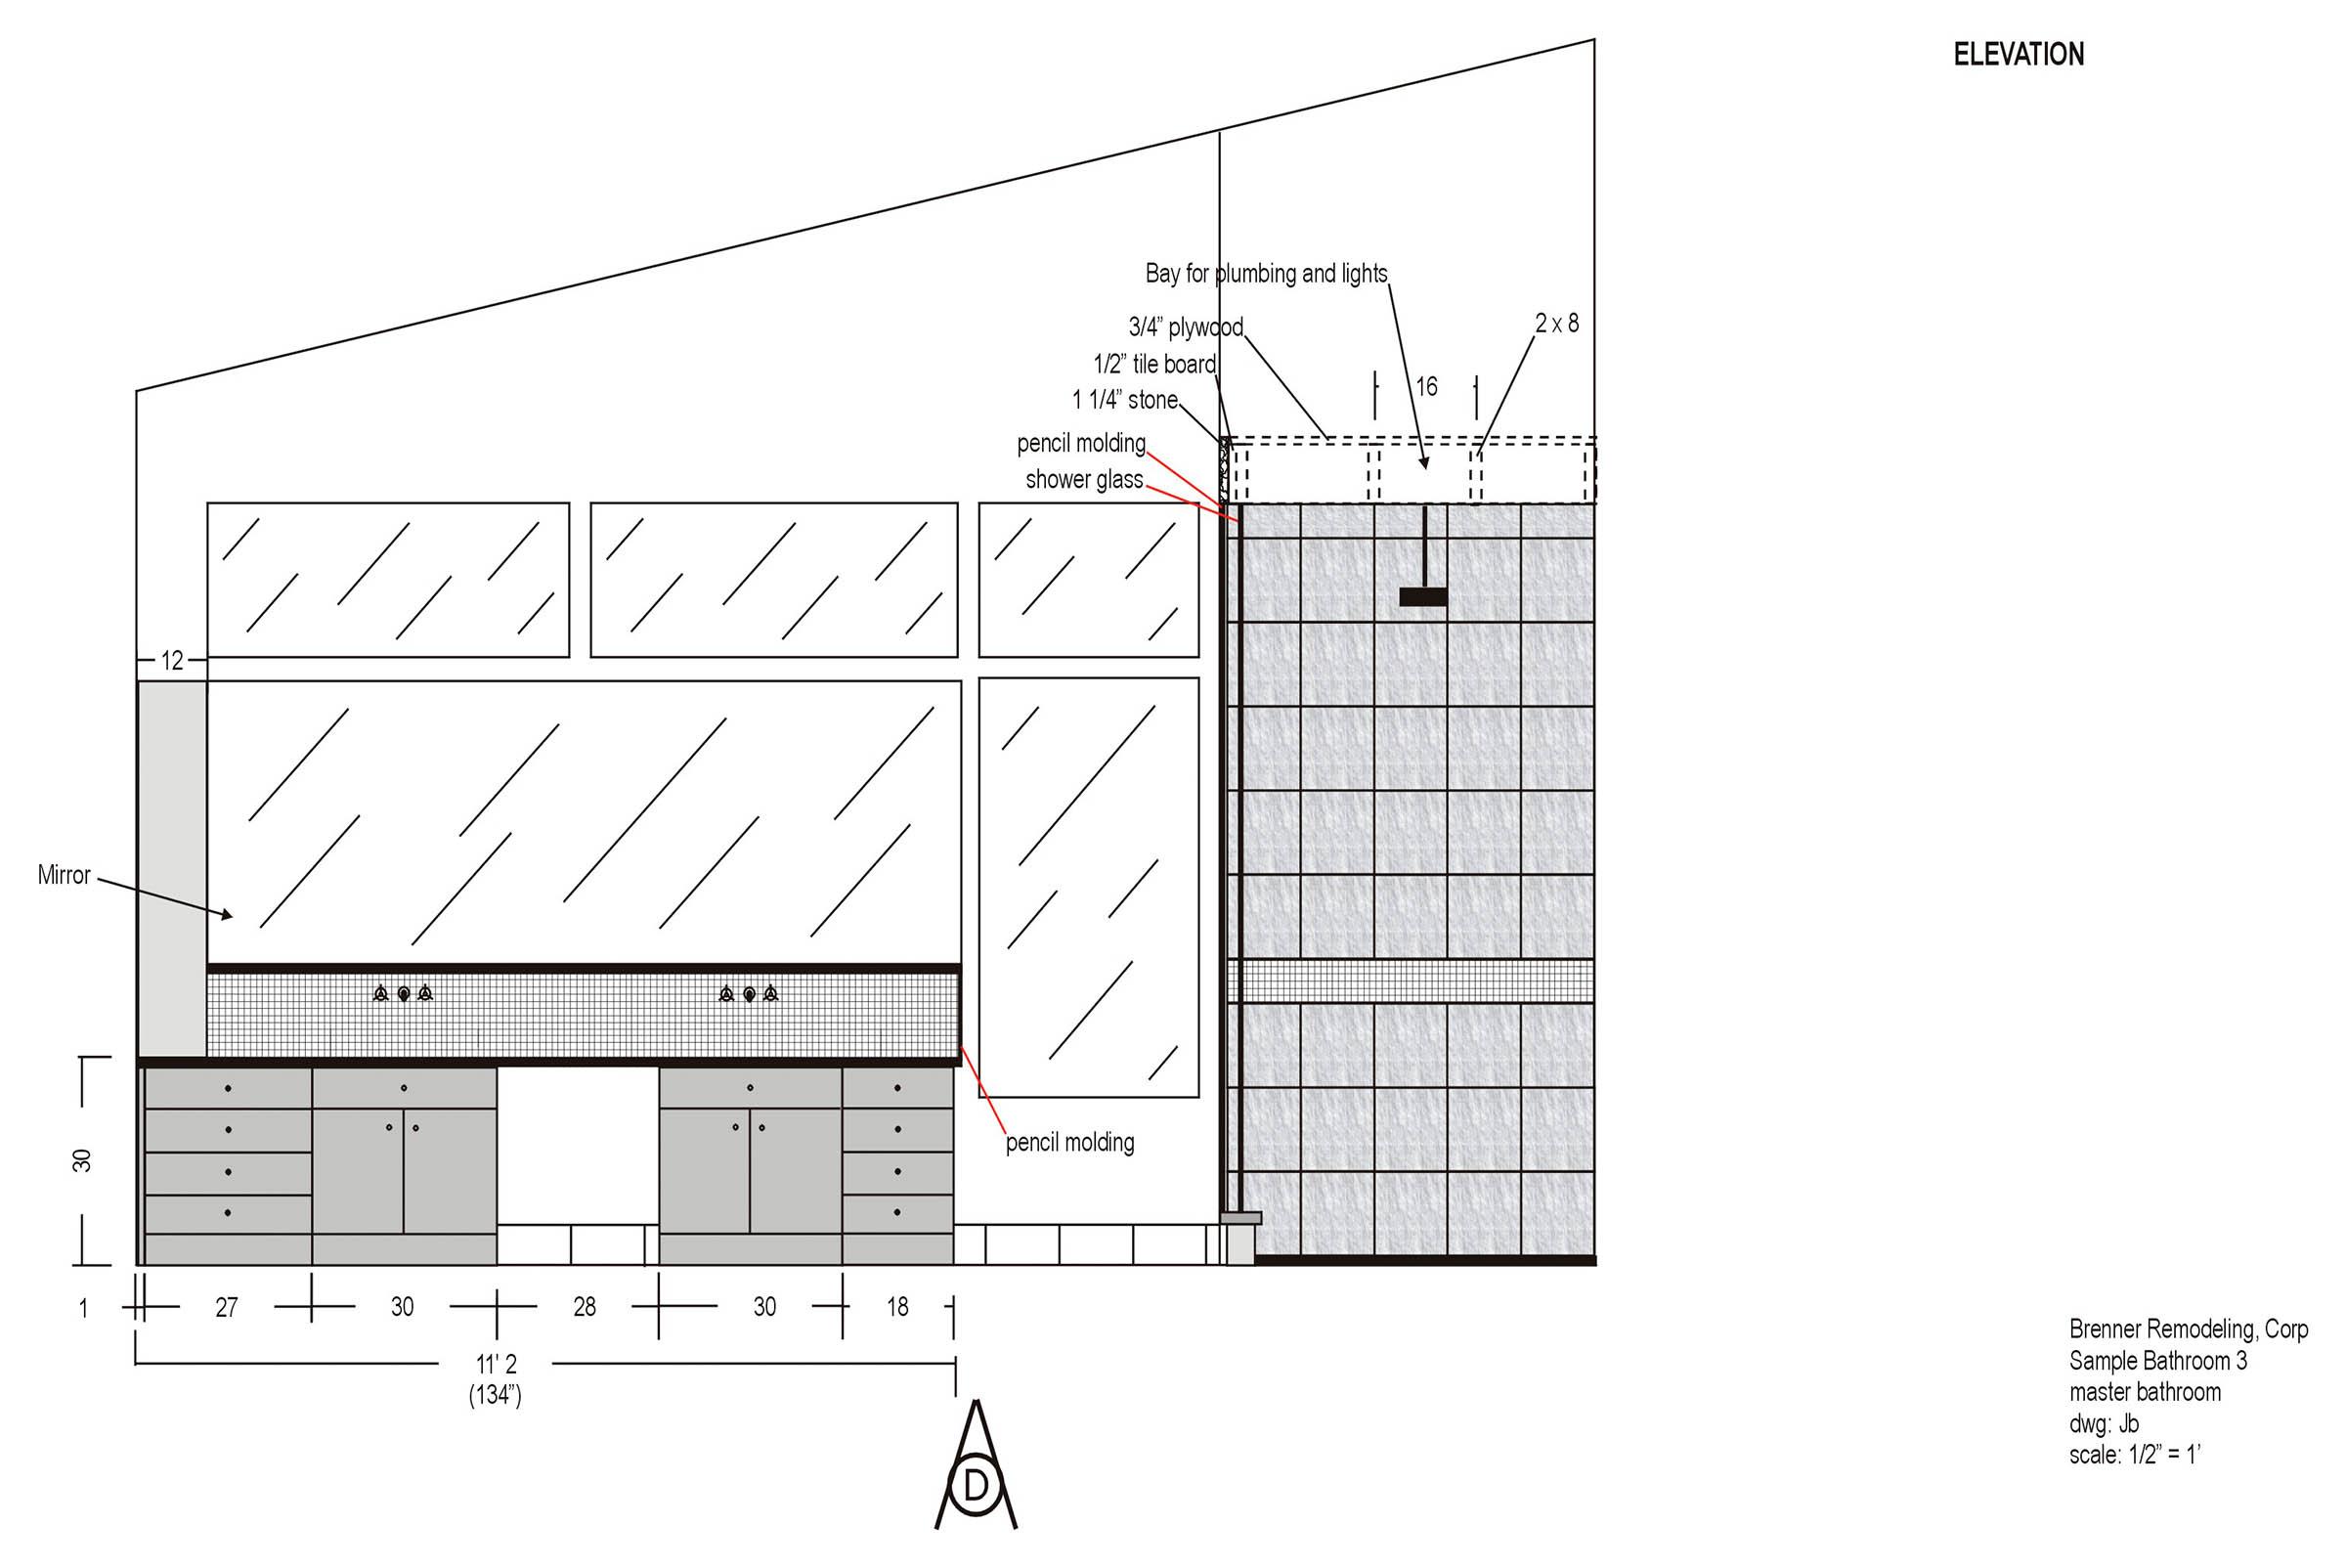 Brenner Remodeling Design Services Bathroom